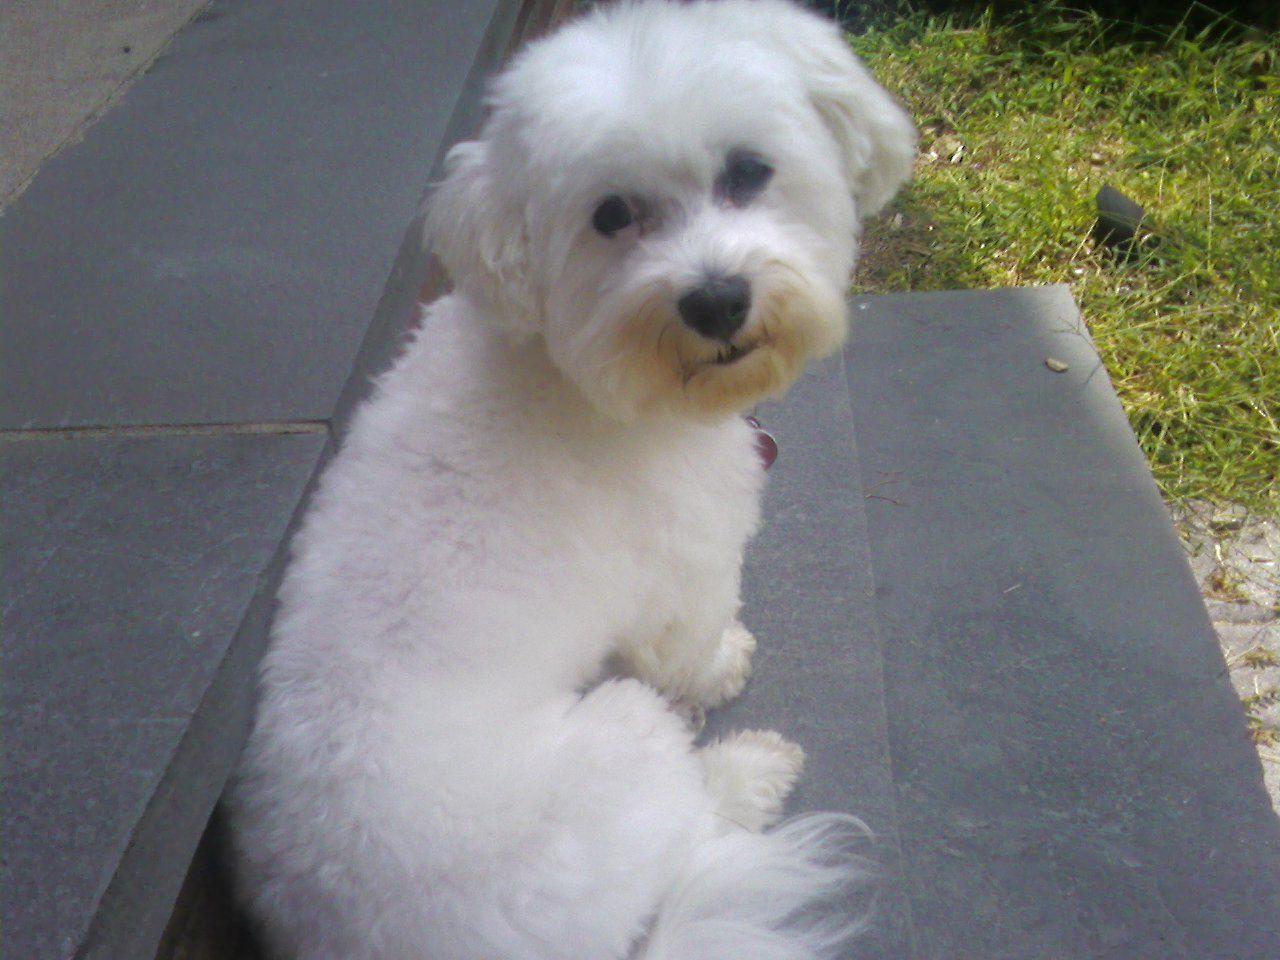 Puppy Cut Havanese | www.pixshark.com - Images Galleries